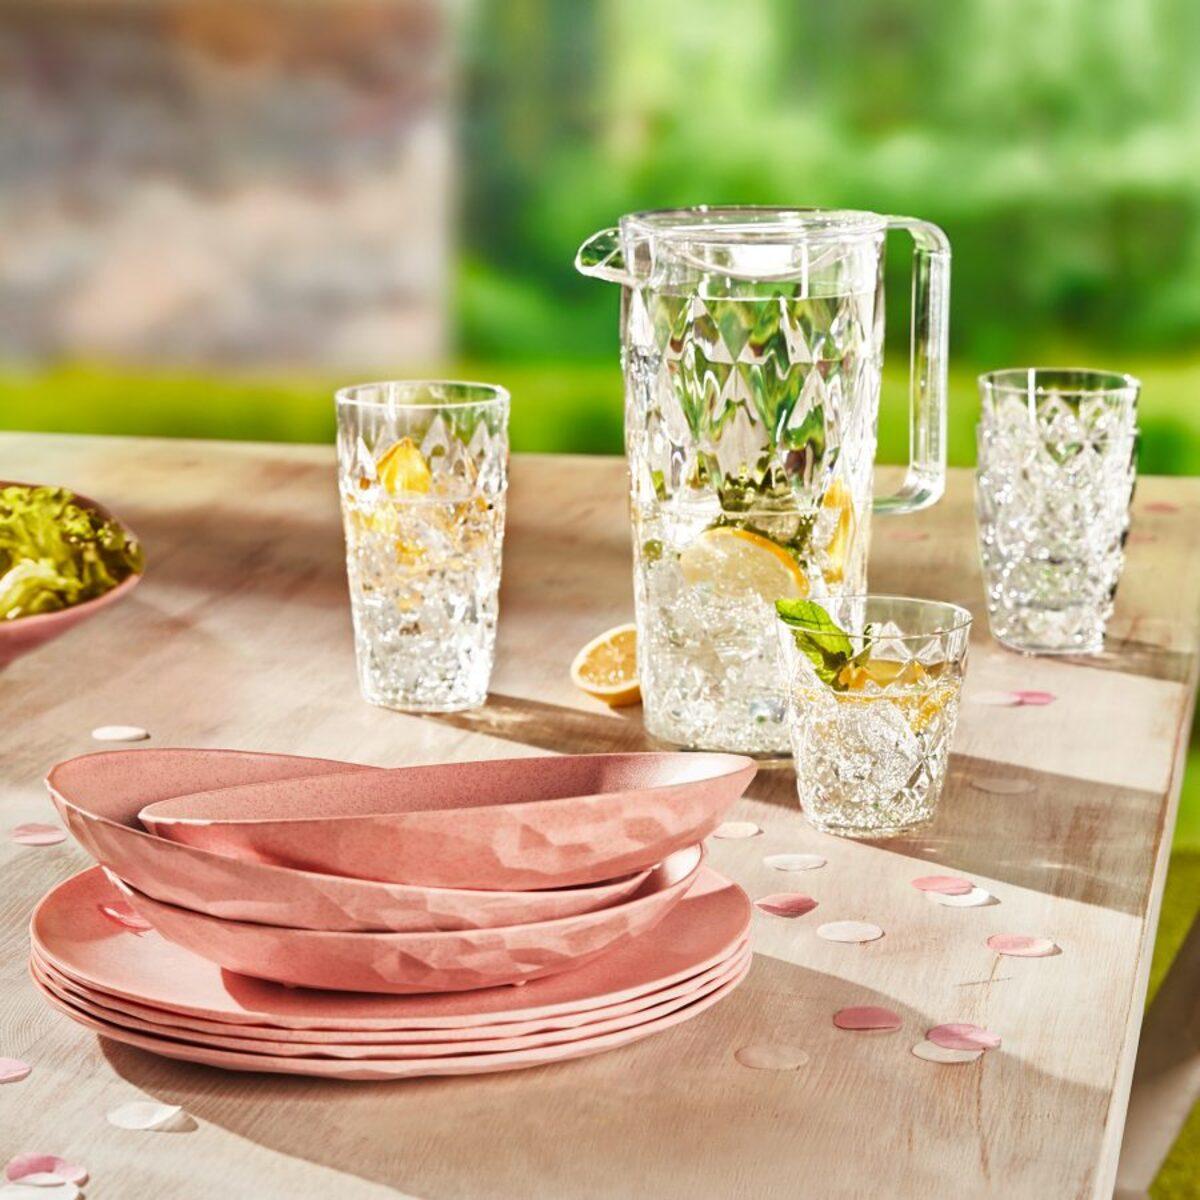 Bild 4 von Koziol Trinkkanne mit Gläsern